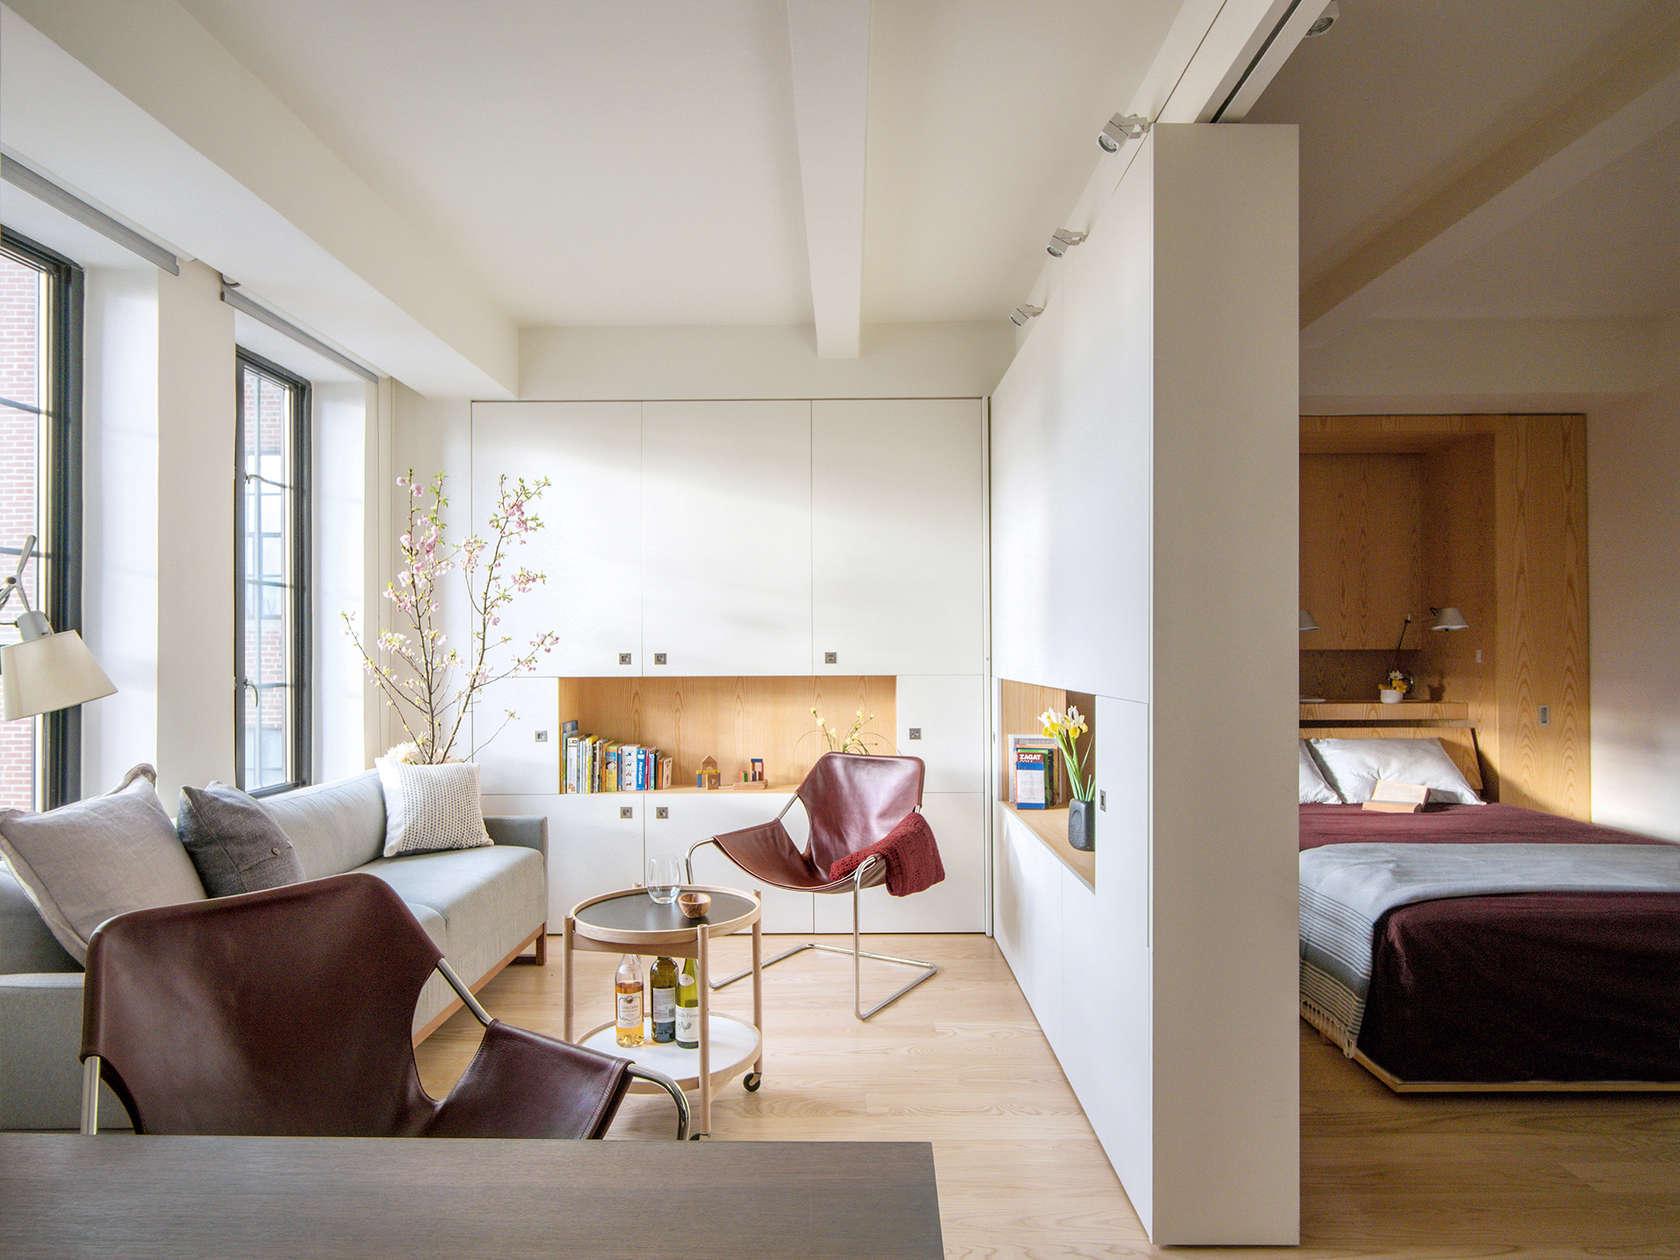 Спальня в однокомнатной квартире со стенкой перегородкой